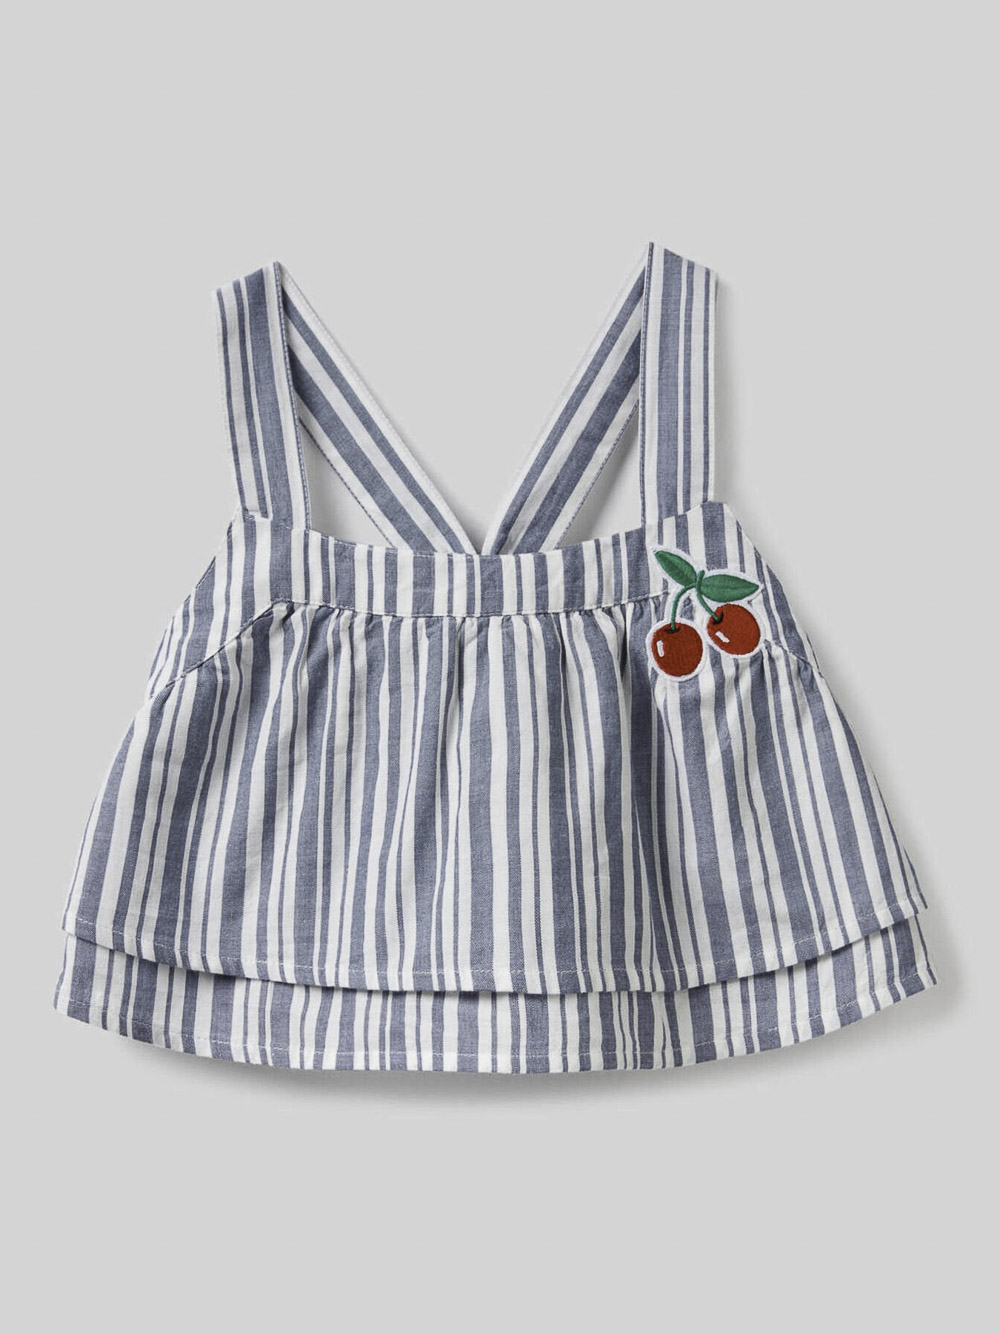 012 BENETTON Μπλούζα t-shirt 5ZW95T1G0 20P901